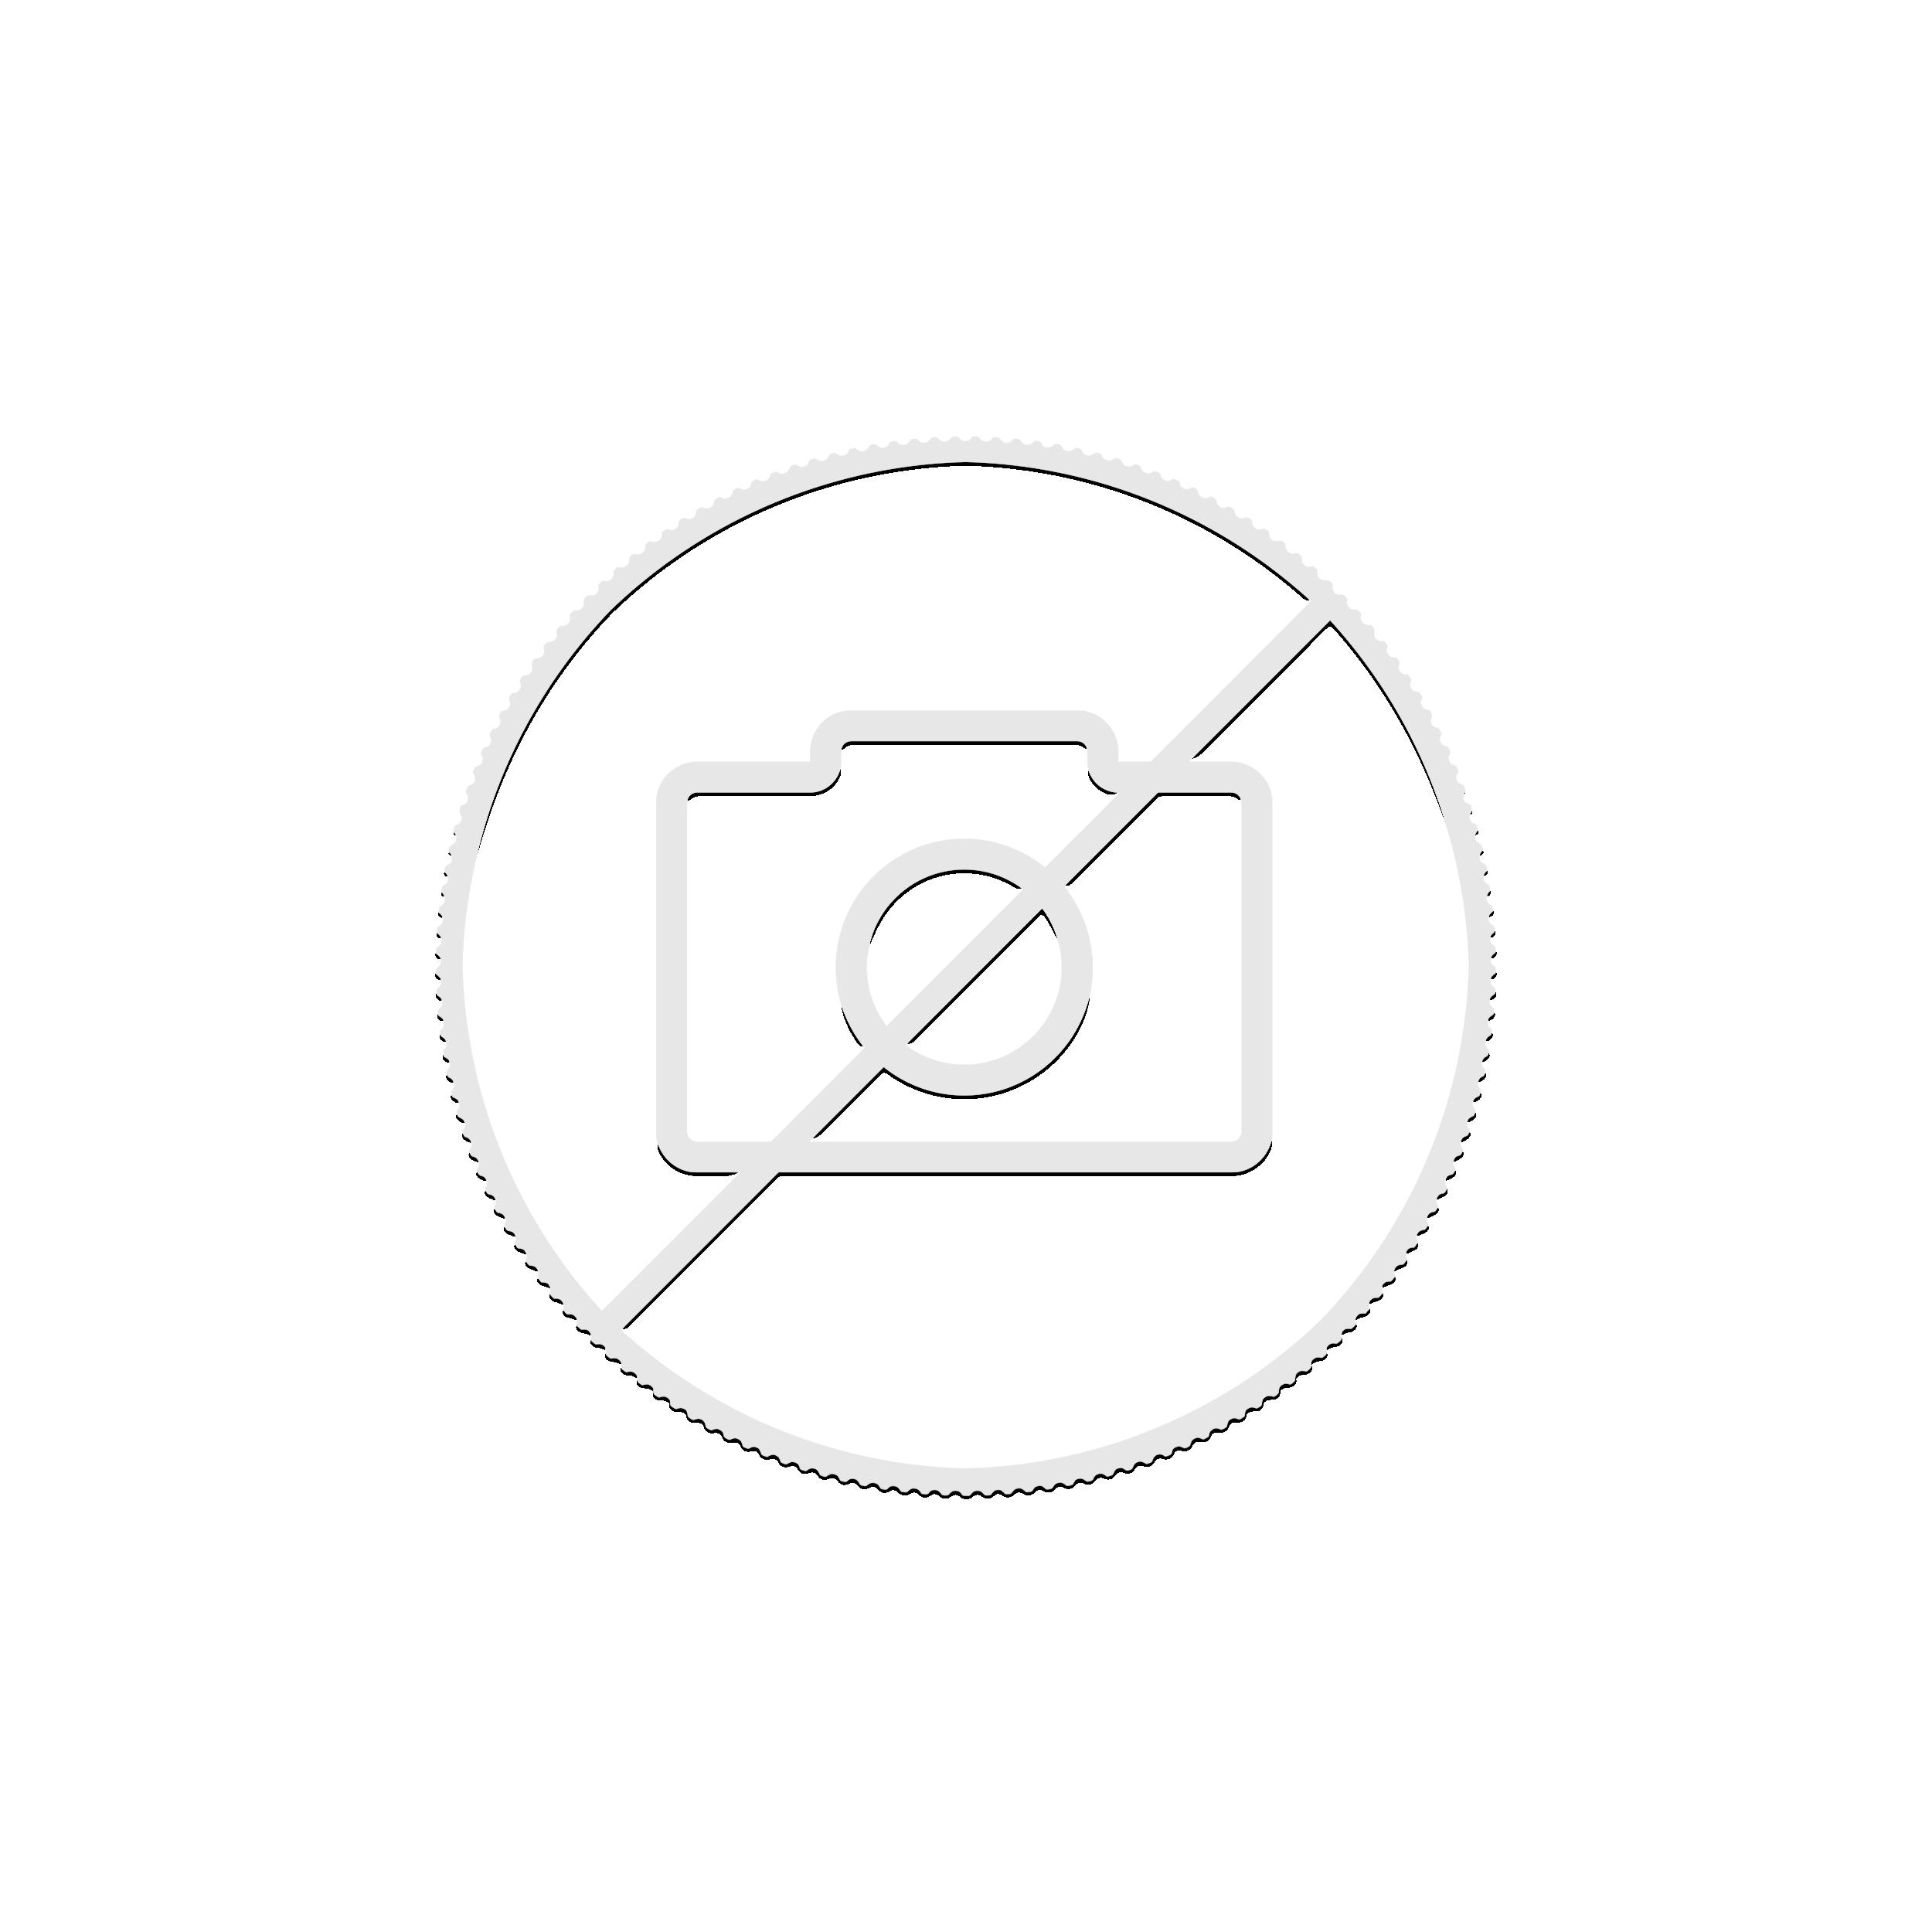 1 Kilo silver coin Noah's Ark 2015